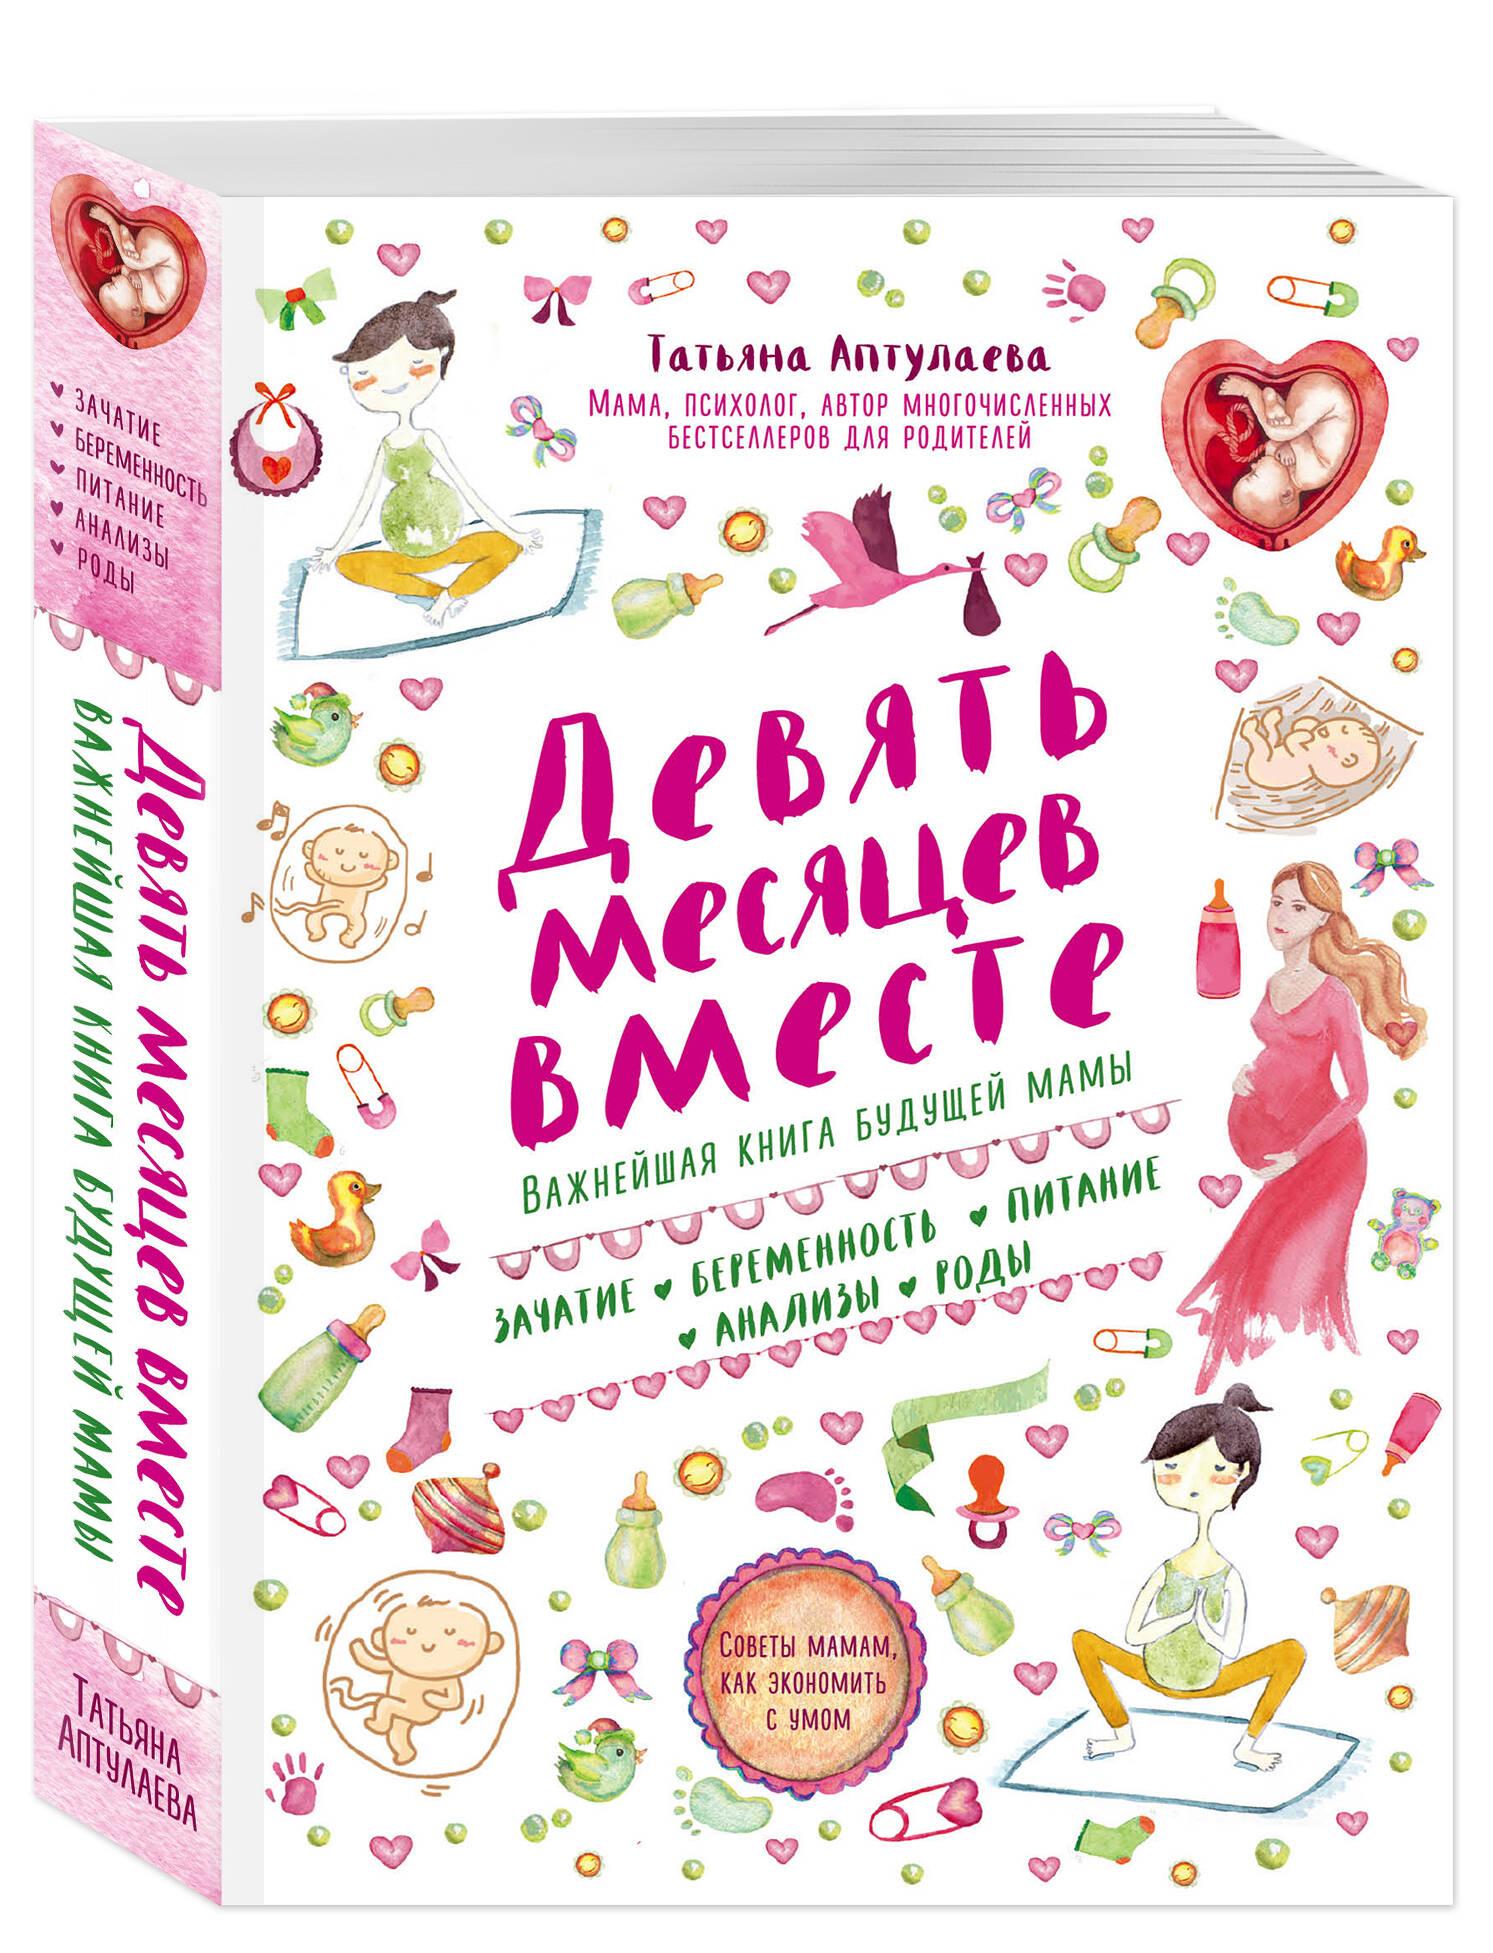 Татьяна Аптулаева Девять месяцев вместе. Важнейшая книга будущей мамы